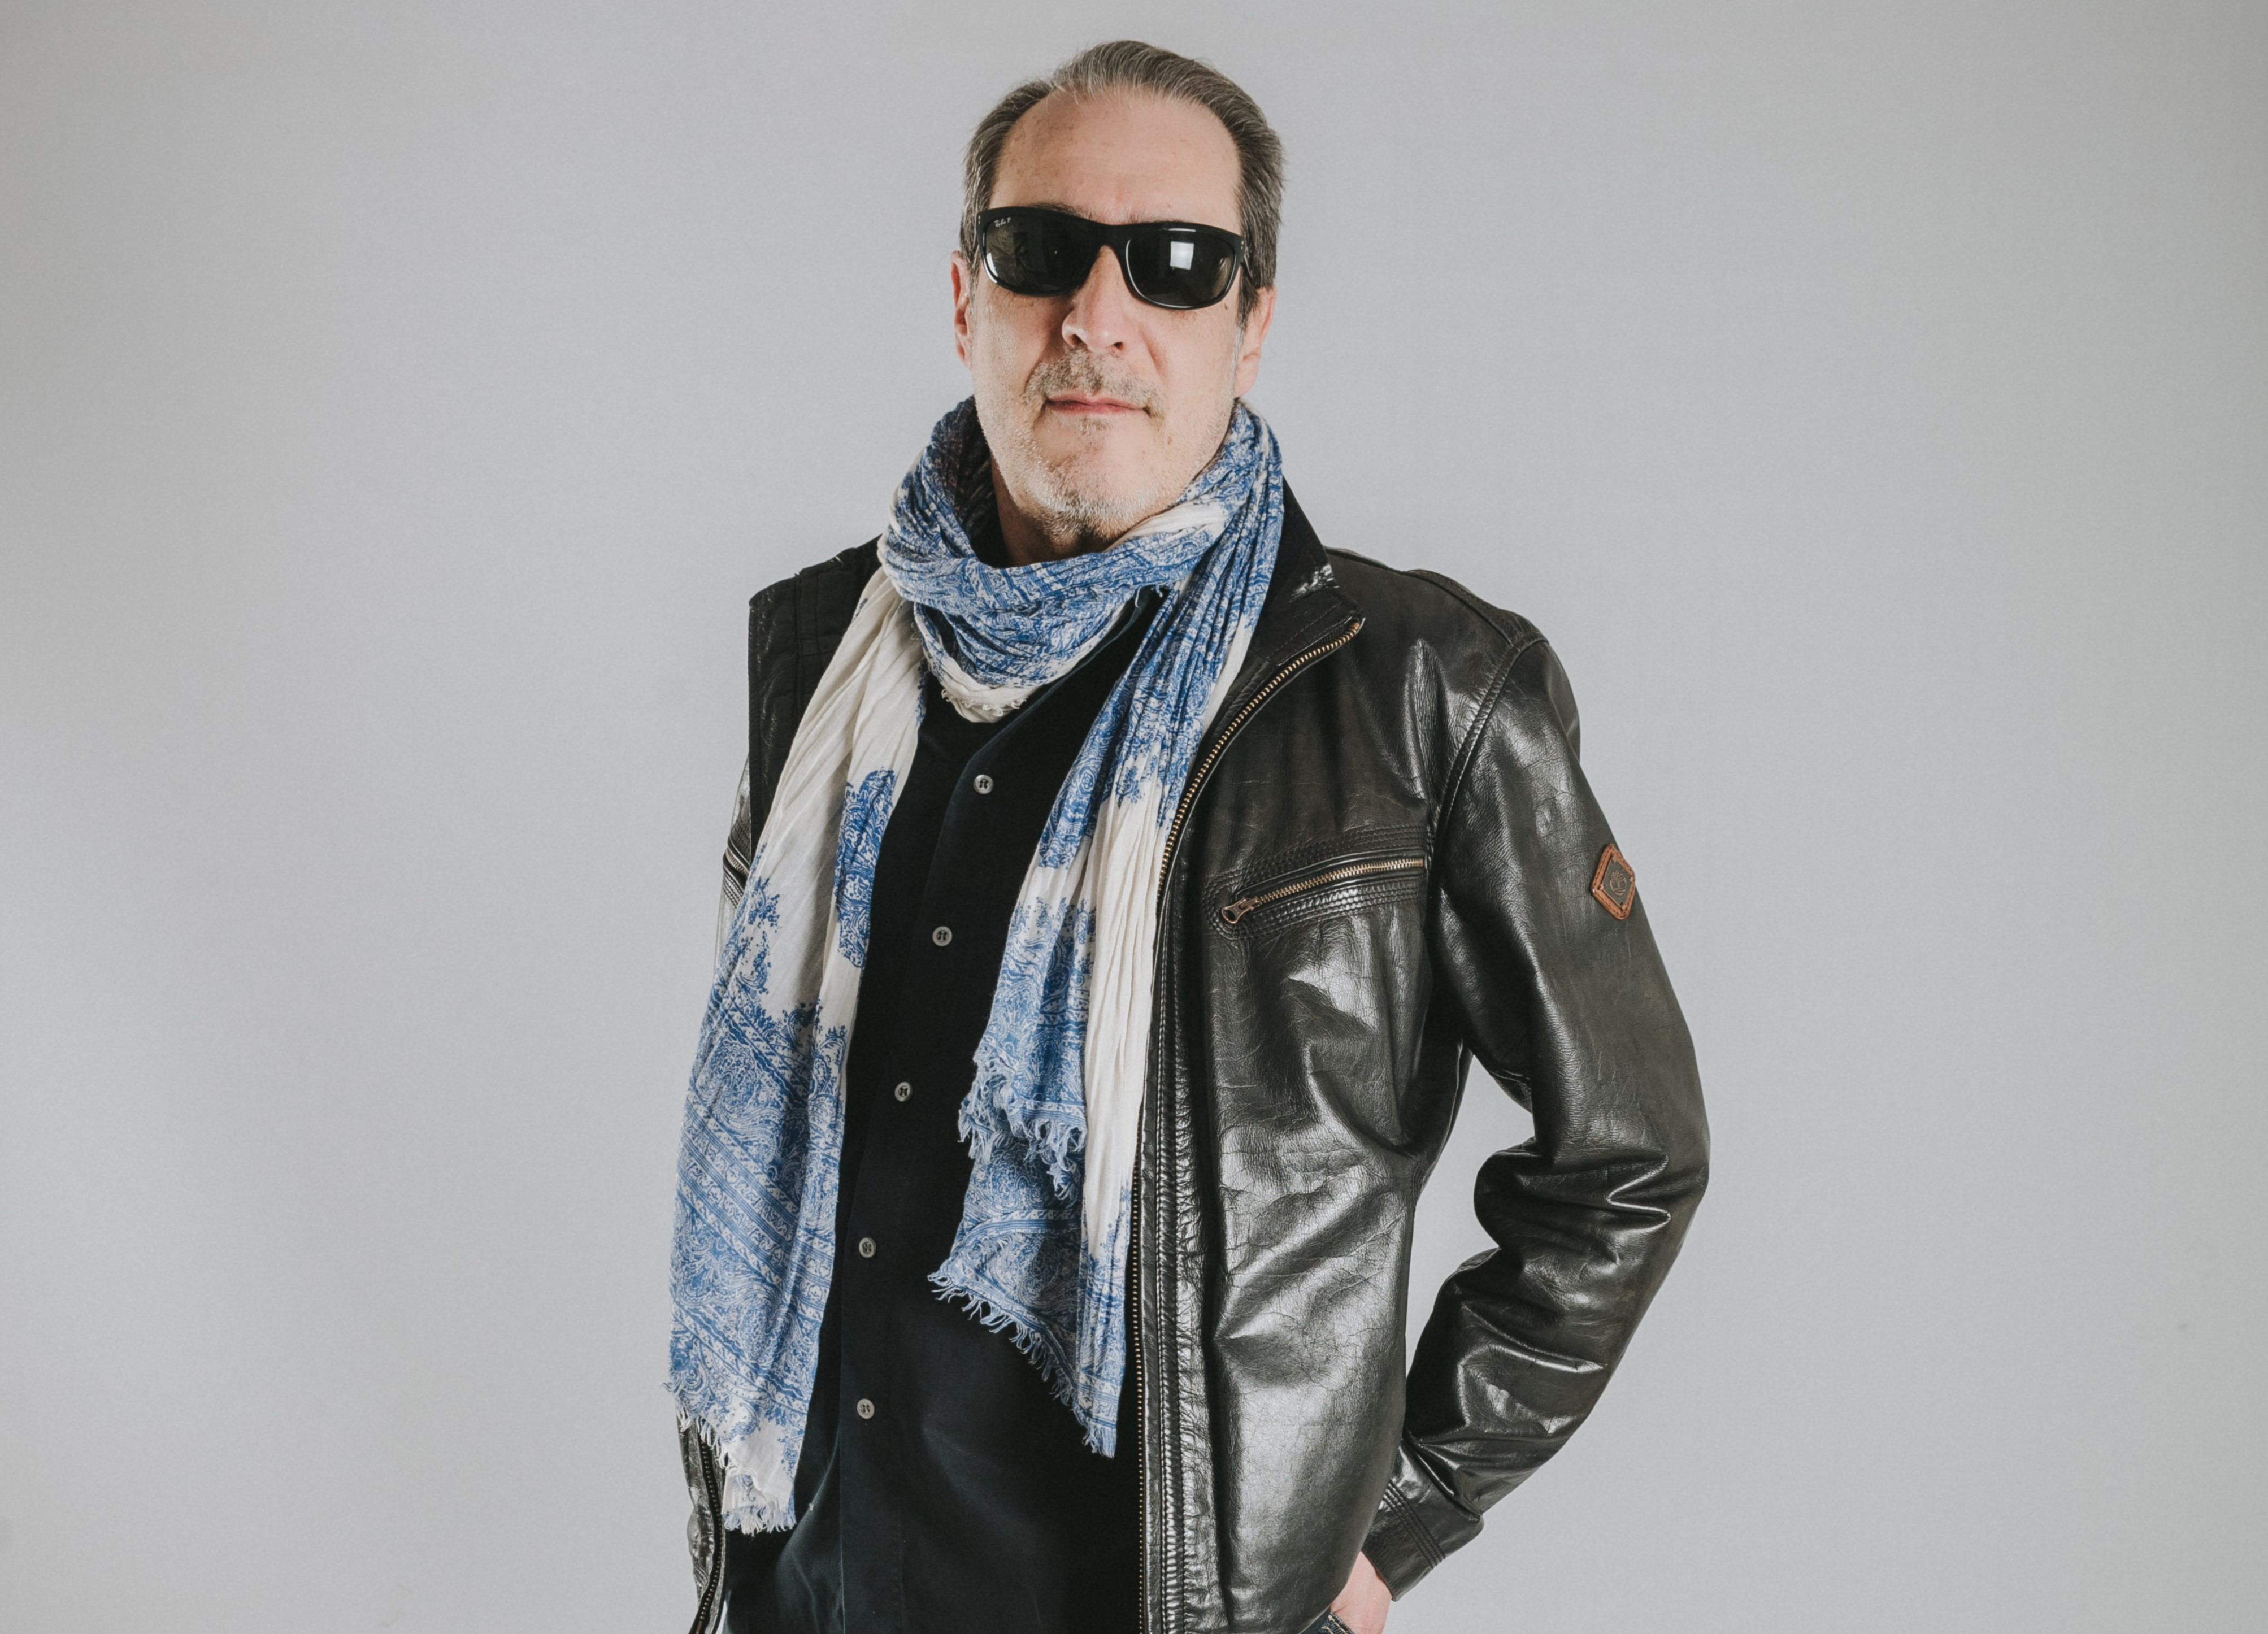 Xavier Agulló